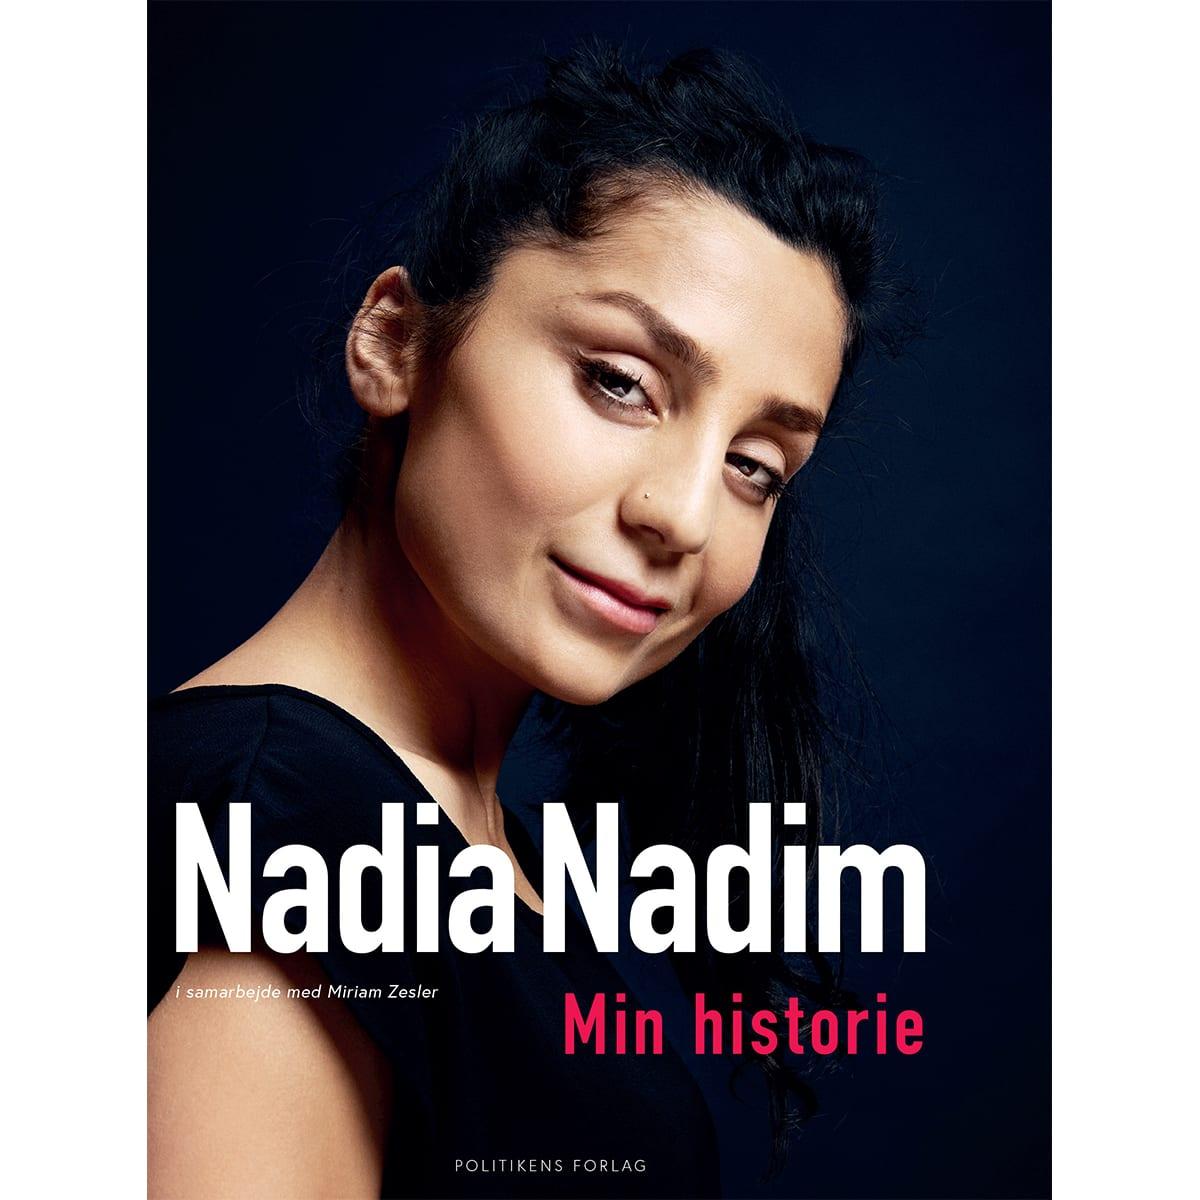 Af Nadia Nadim & Miriam Zesler